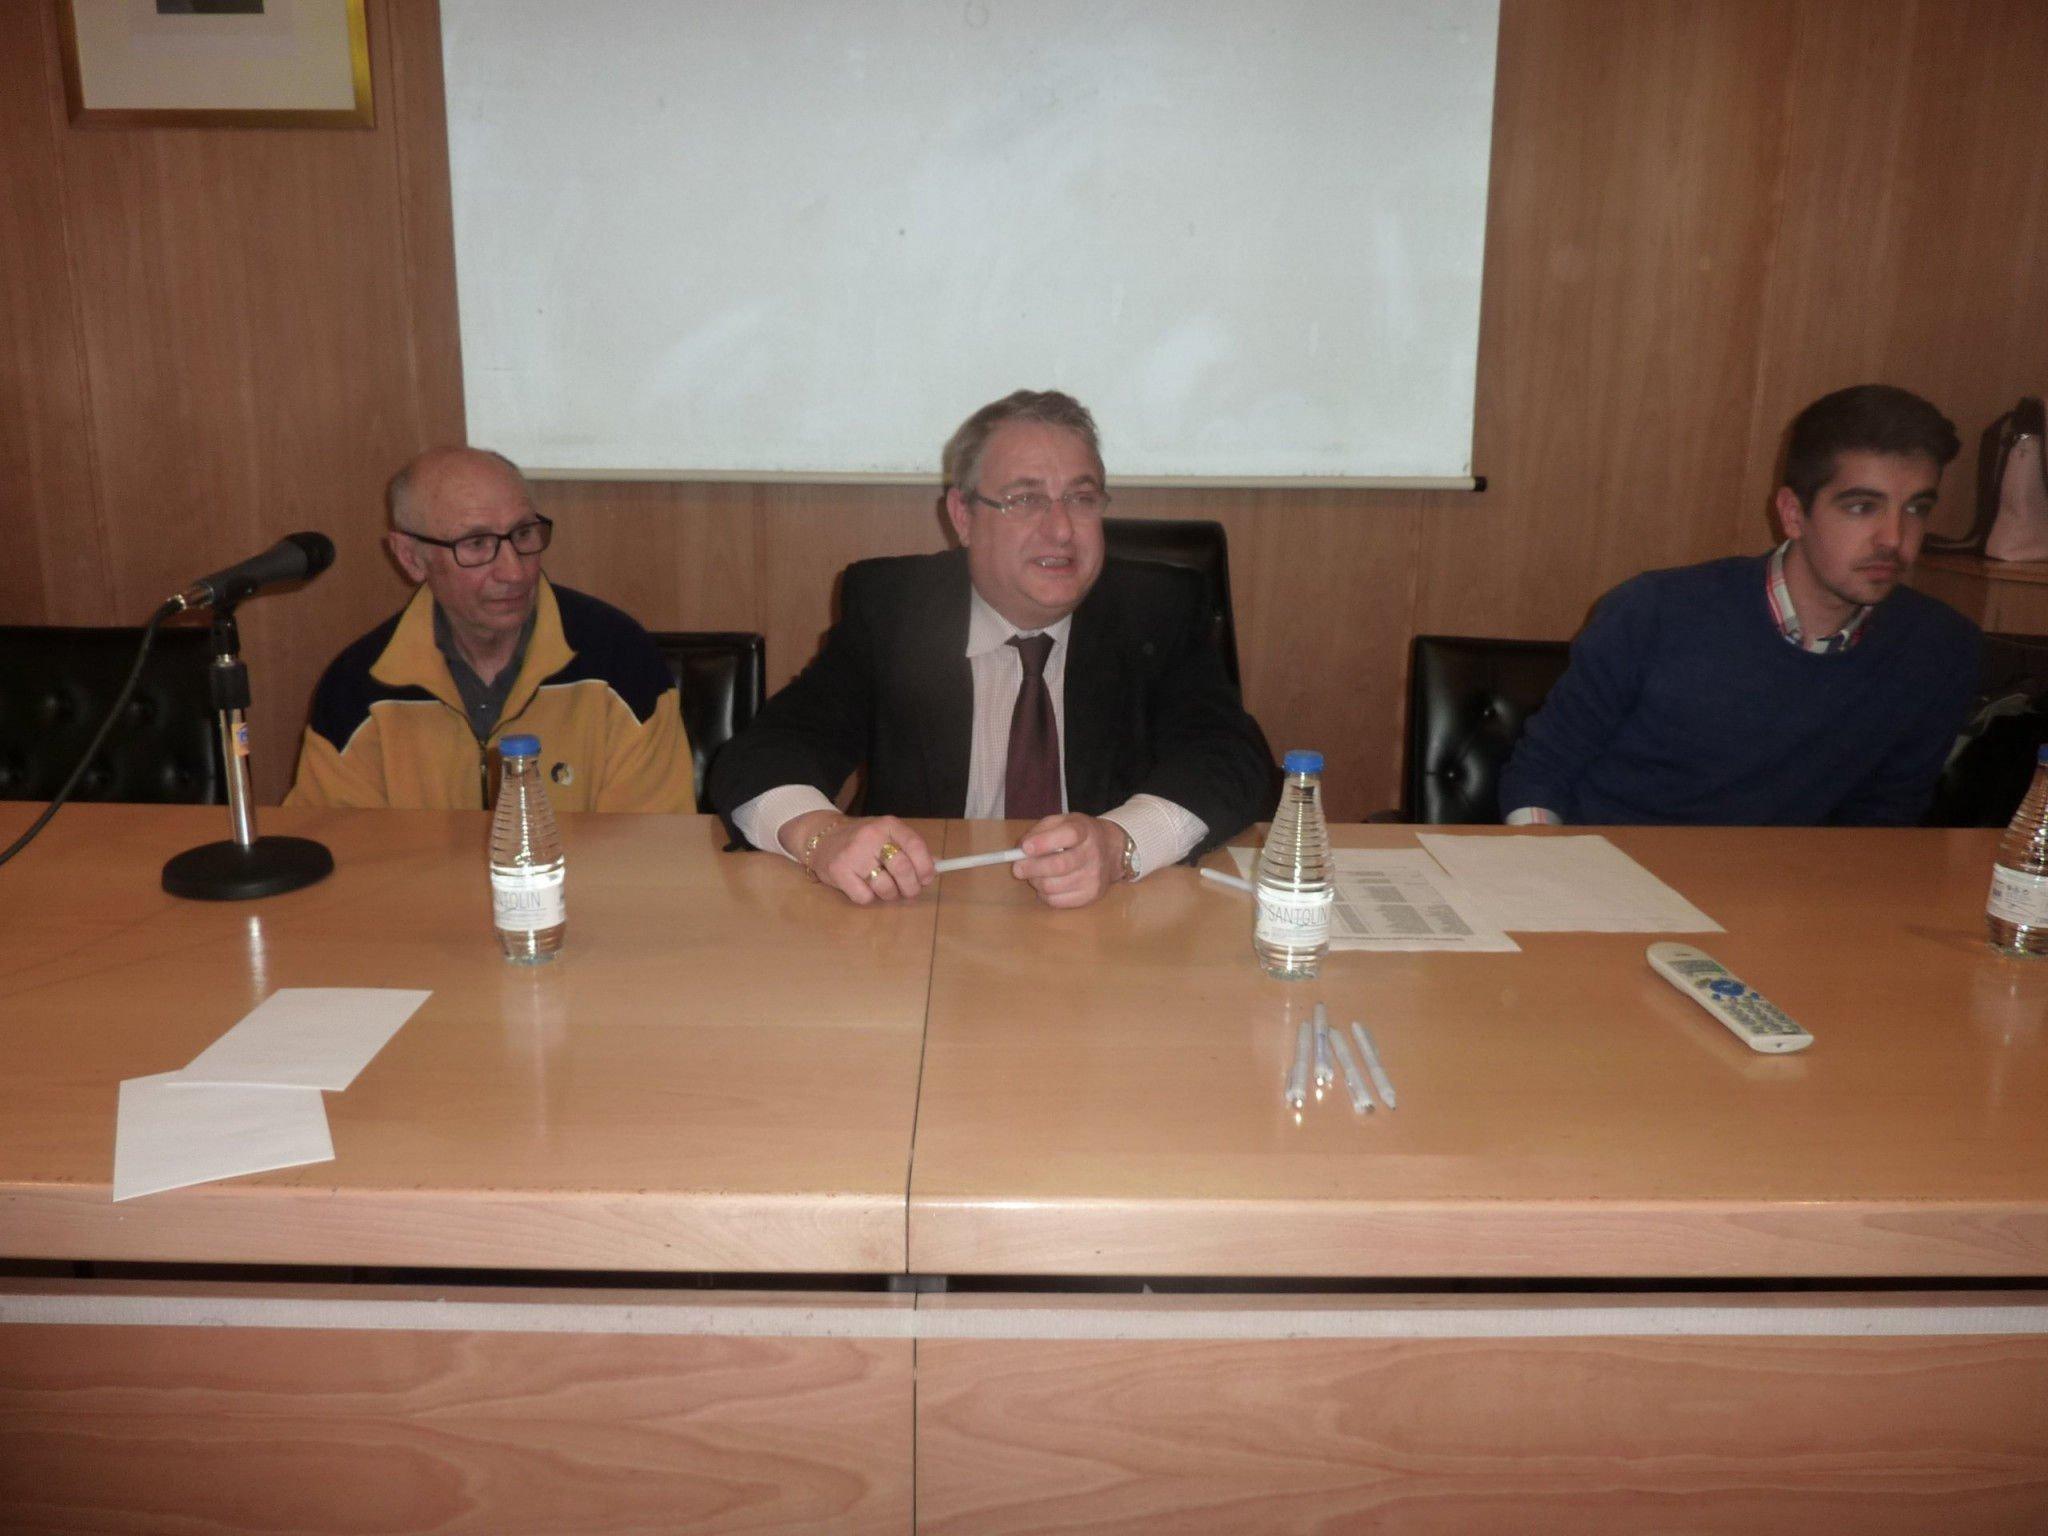 Reelección de D. Gerardo García Alaguero como presidente de la Federación de Atletismo de Castilla y León